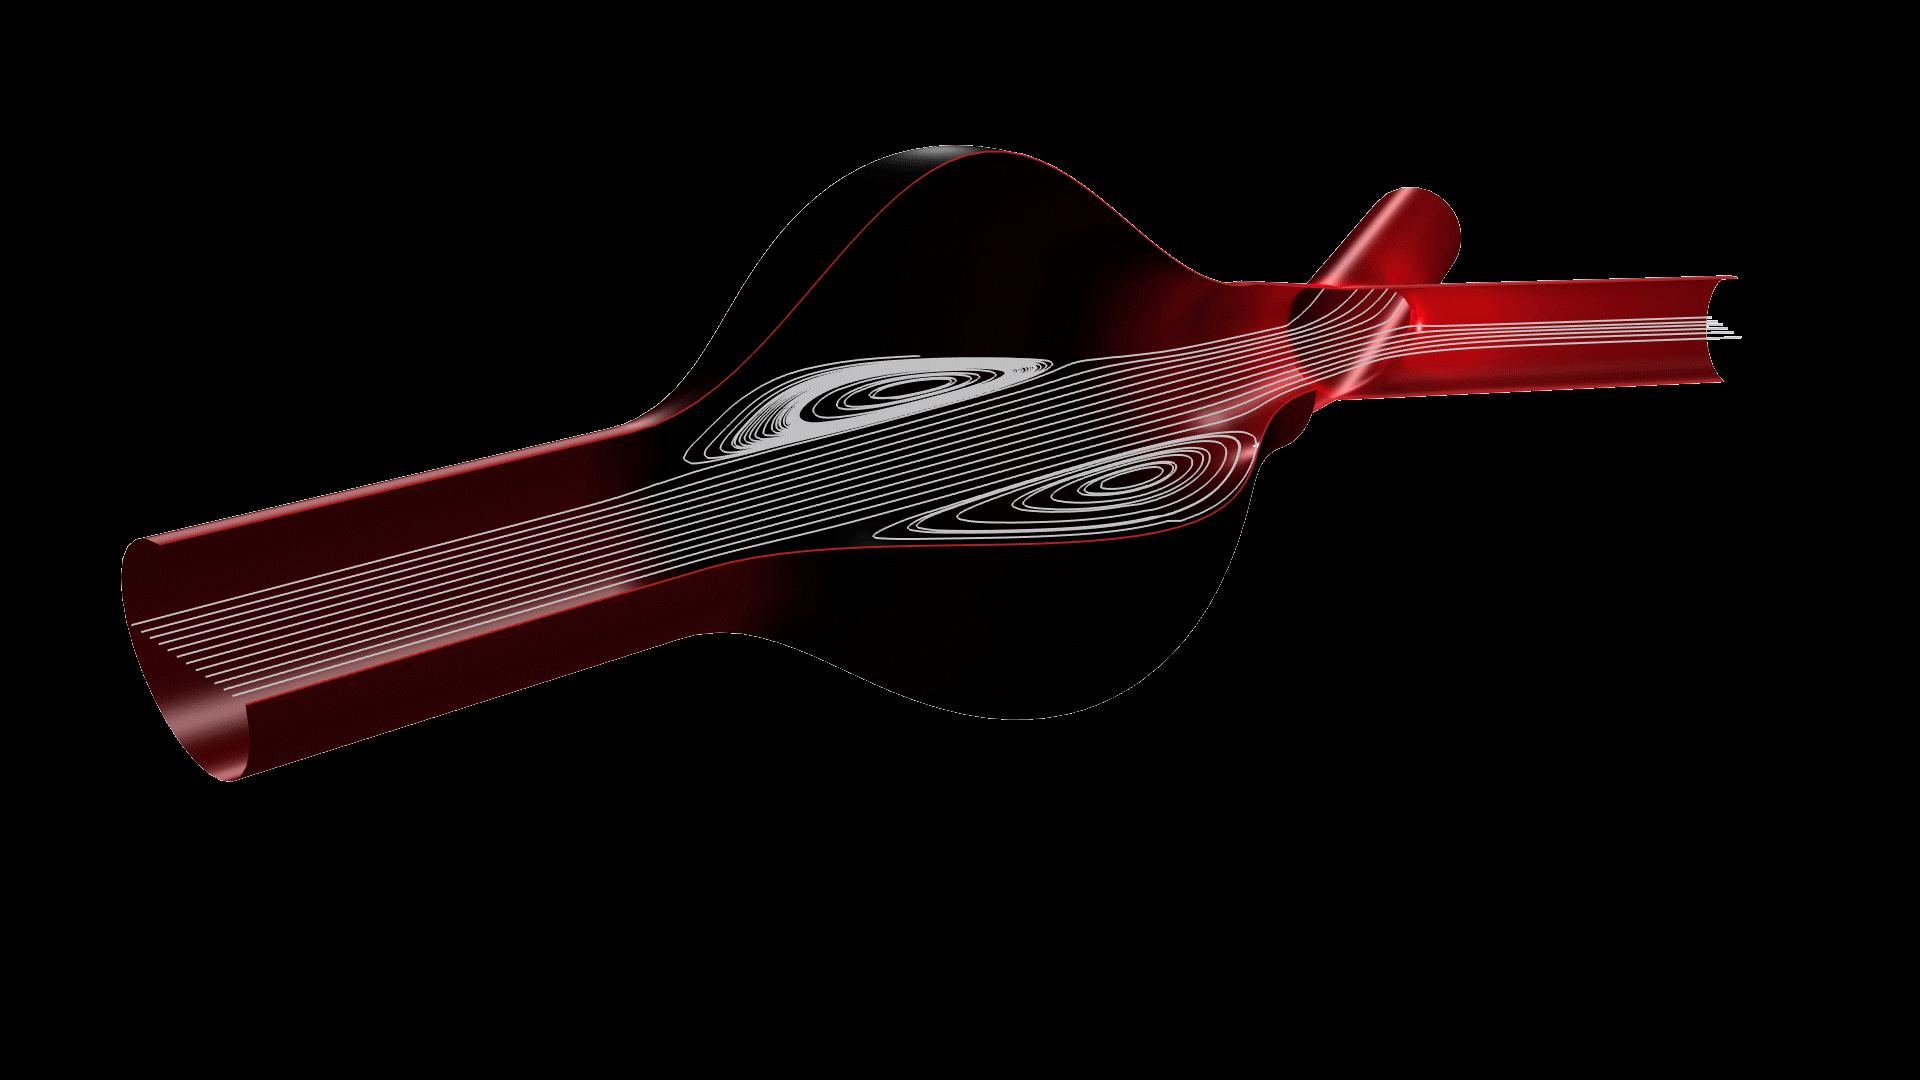 Oldroyd-B 점탄성 유체 모델을 사용하여 모델링 된 동맥에서의 혈액 흐름